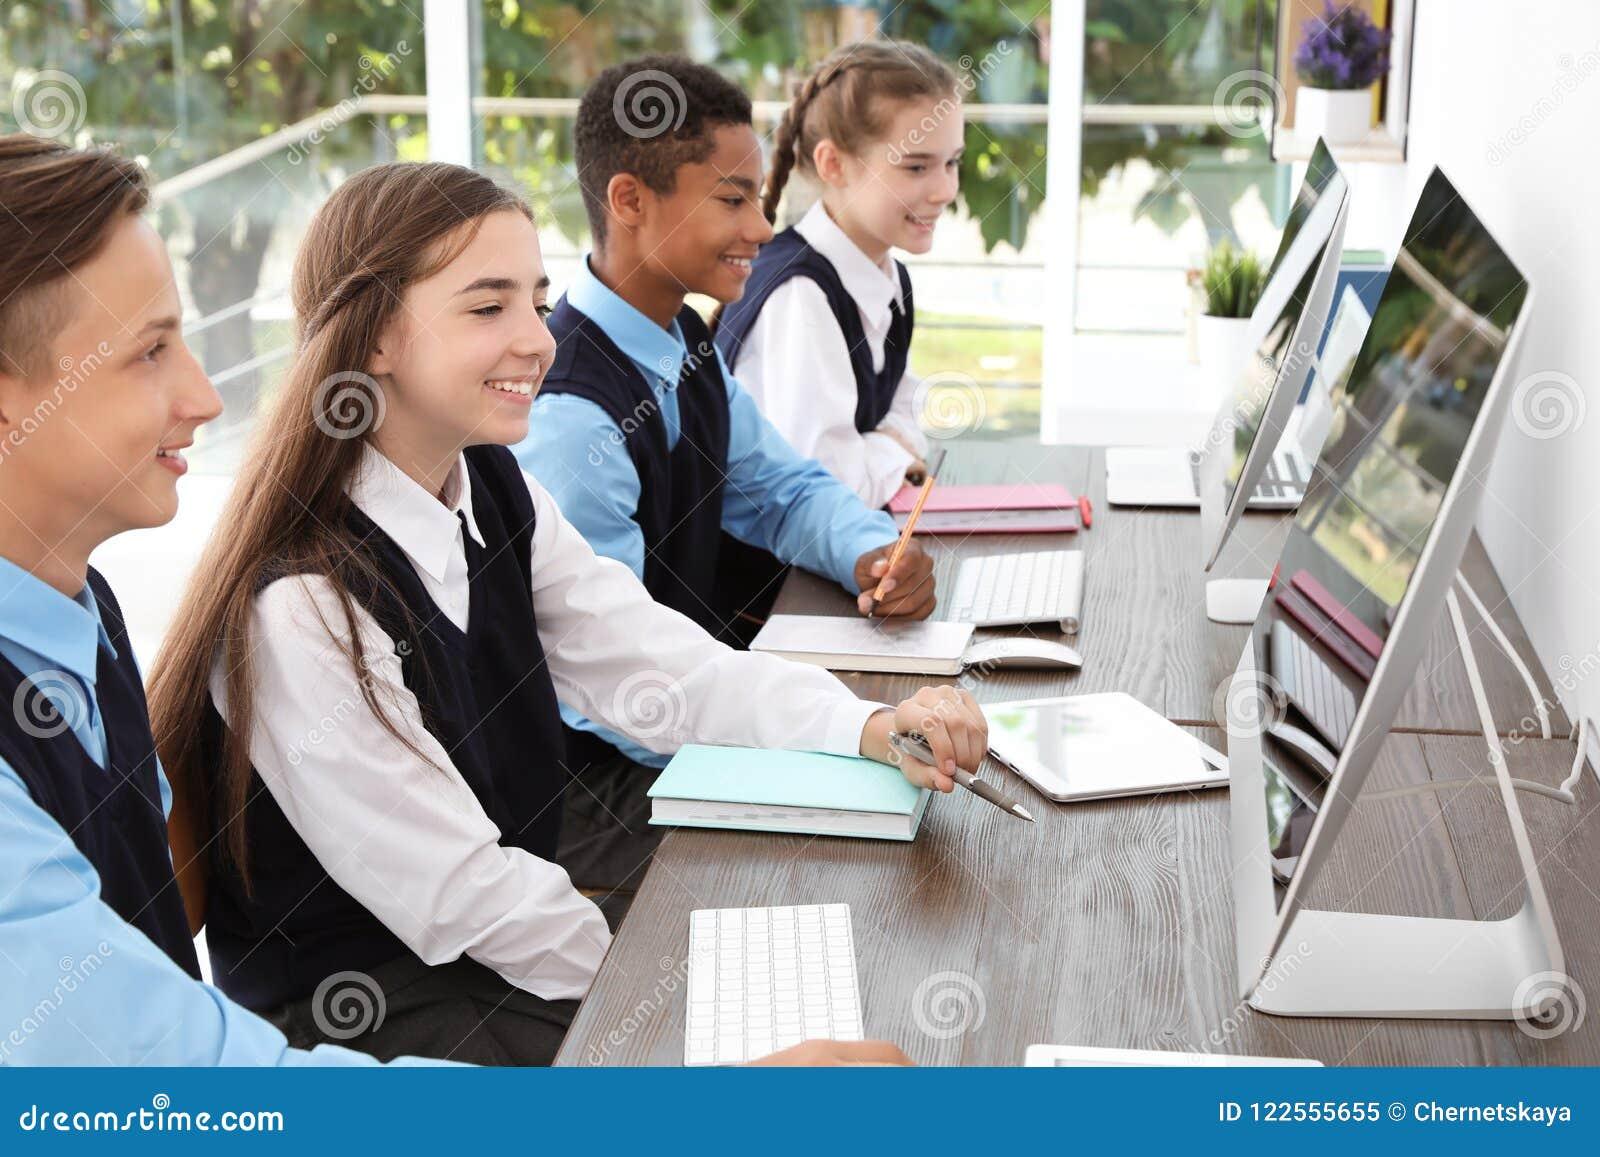 Подростковые студенты в стильной школьной форме